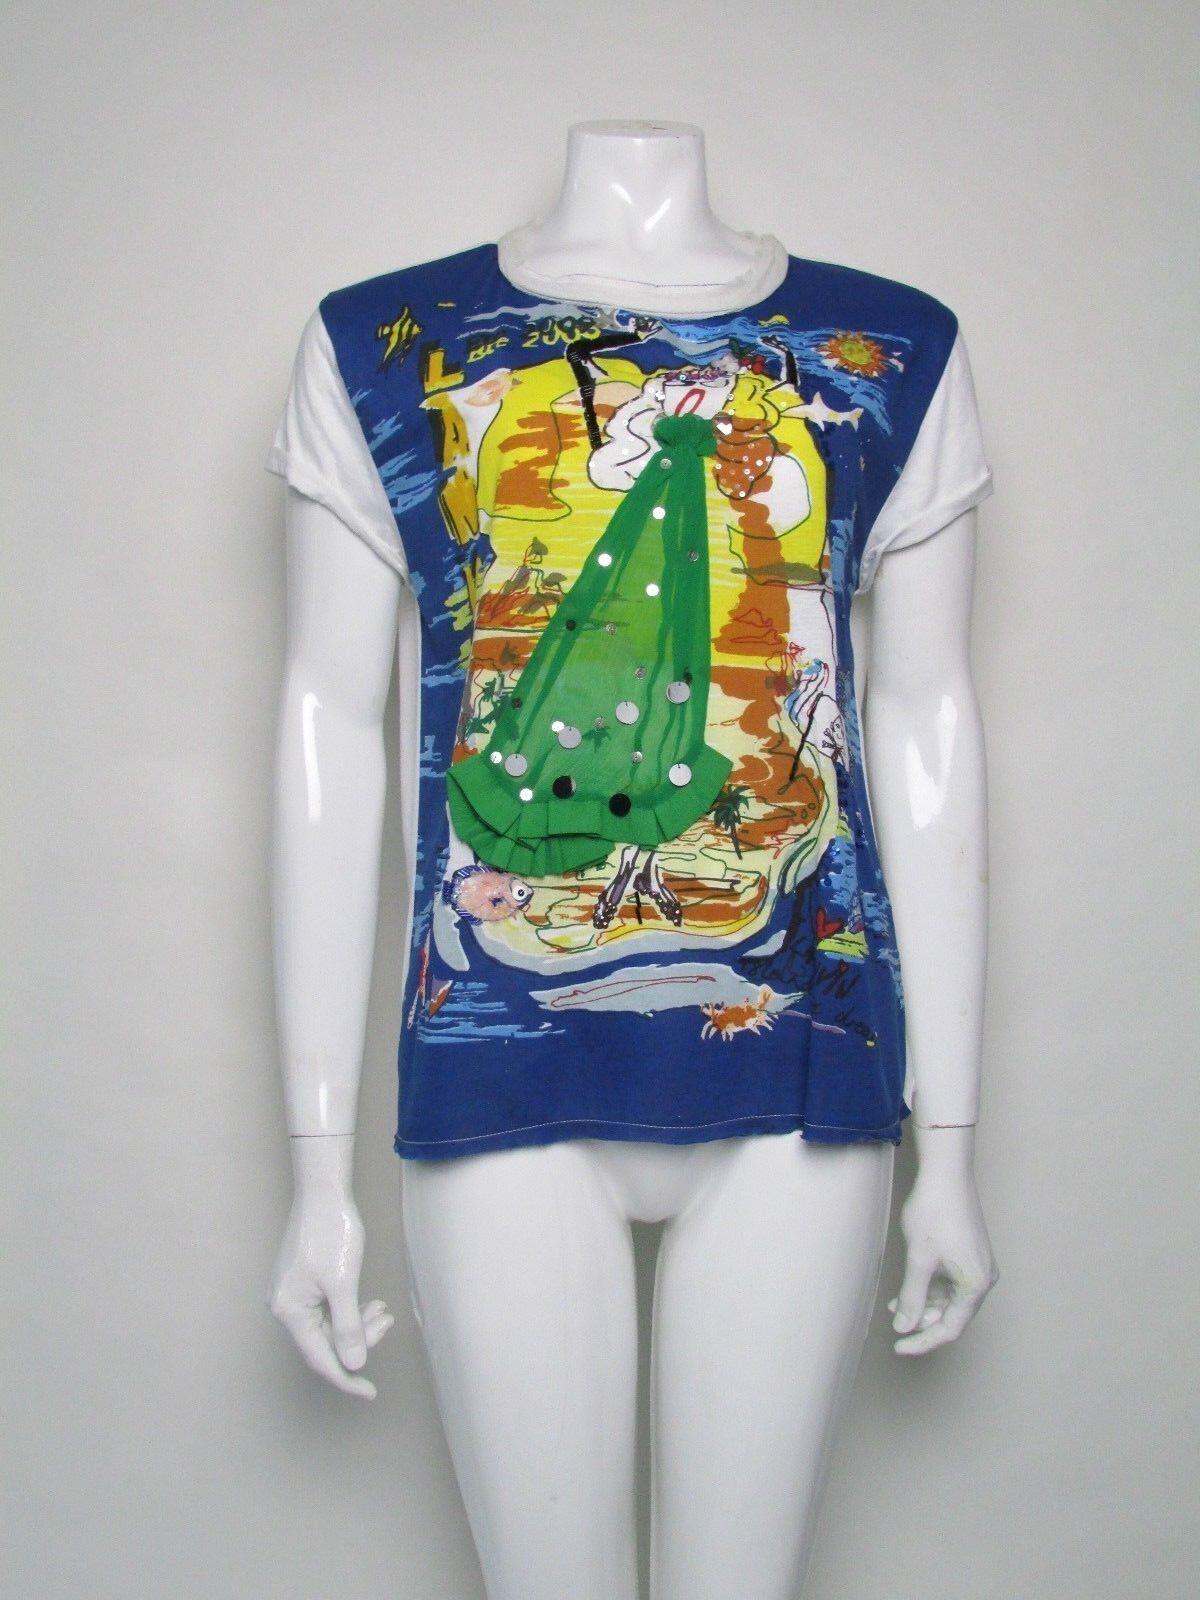 LANVIN manica corta T Shirt Shirt Shirt Top Taglia S Uk 8 SILK dettaglio Bnwts prezzo consigliato 435b75